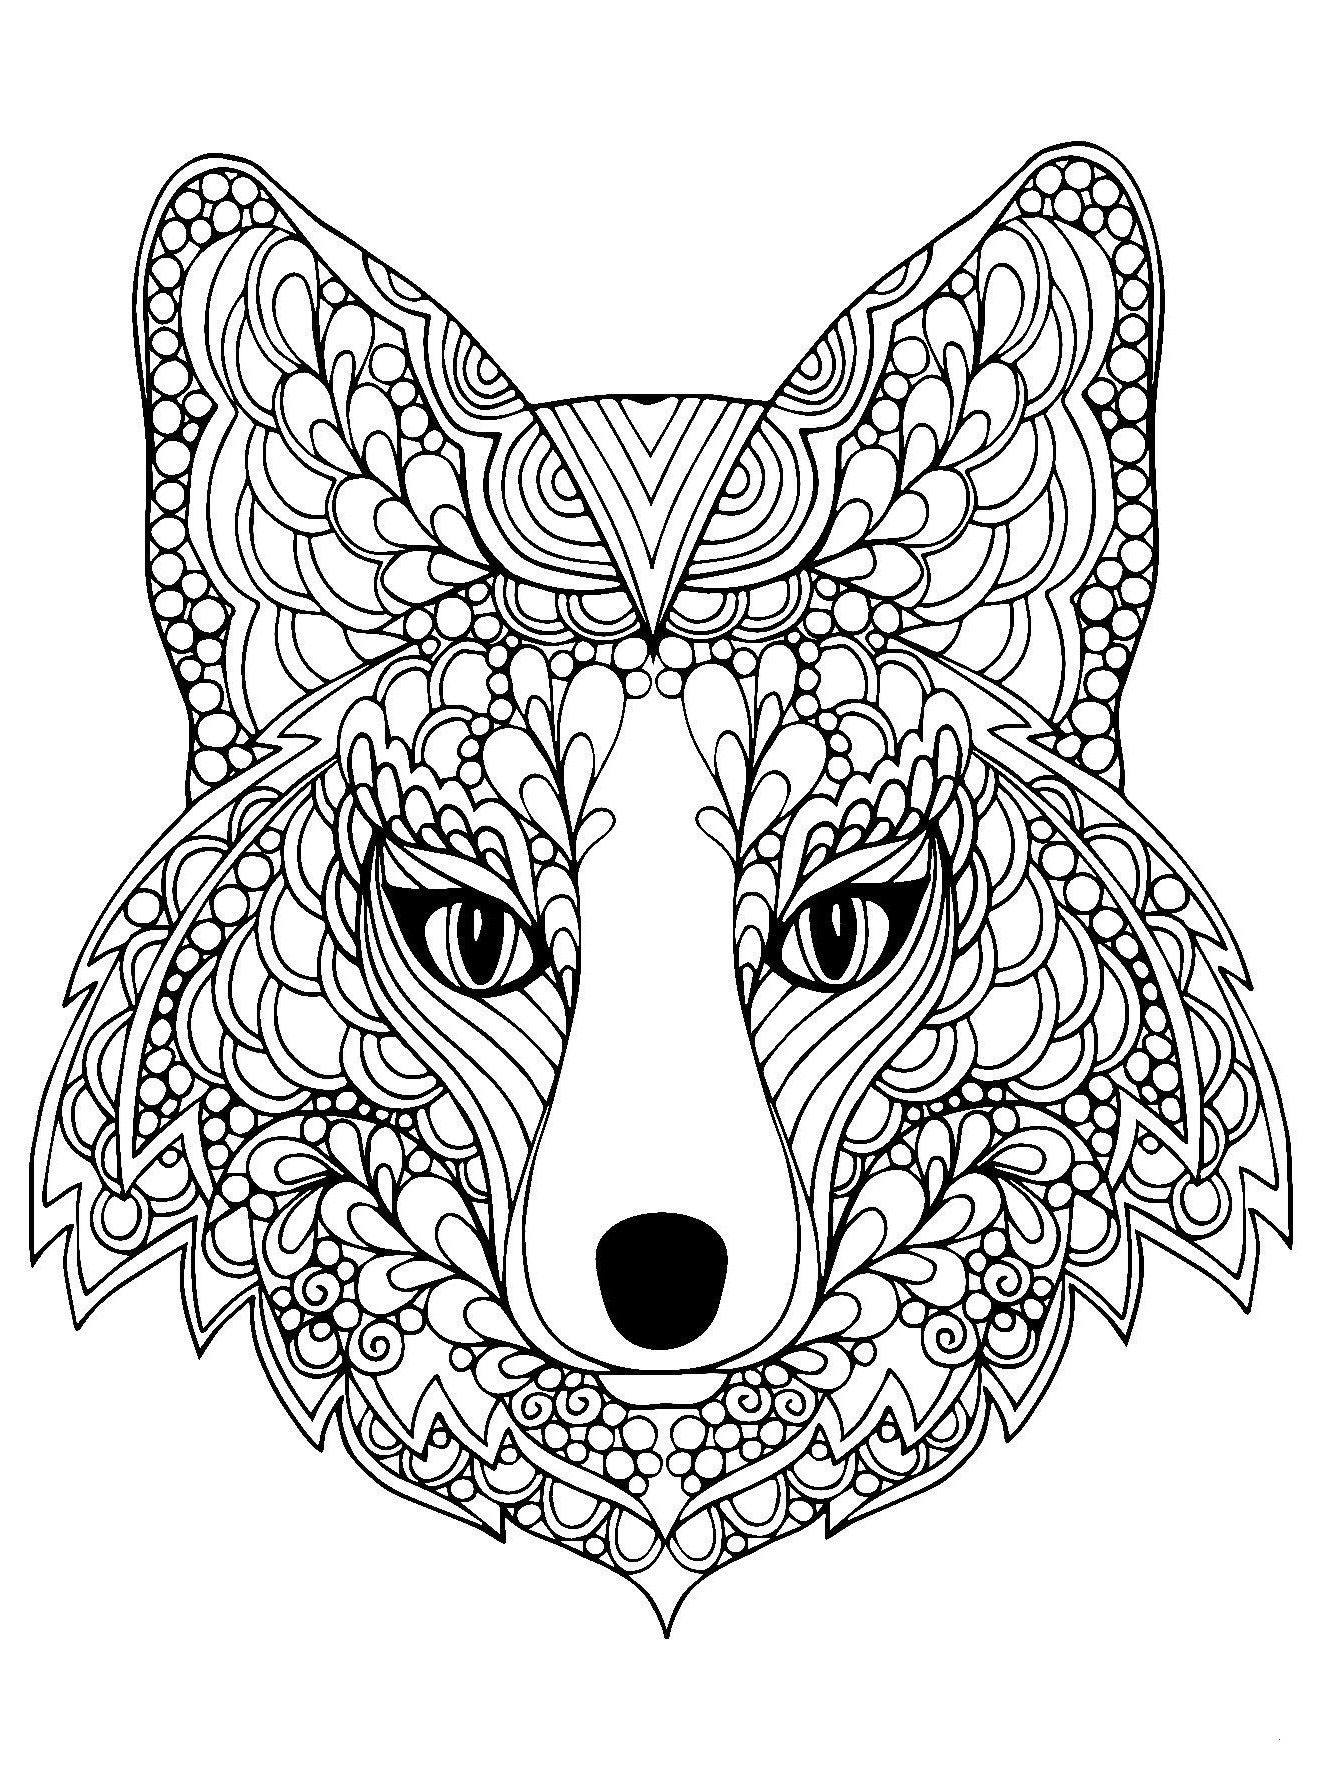 99 inspirierend wolf bilder zum ausmalen sammlung